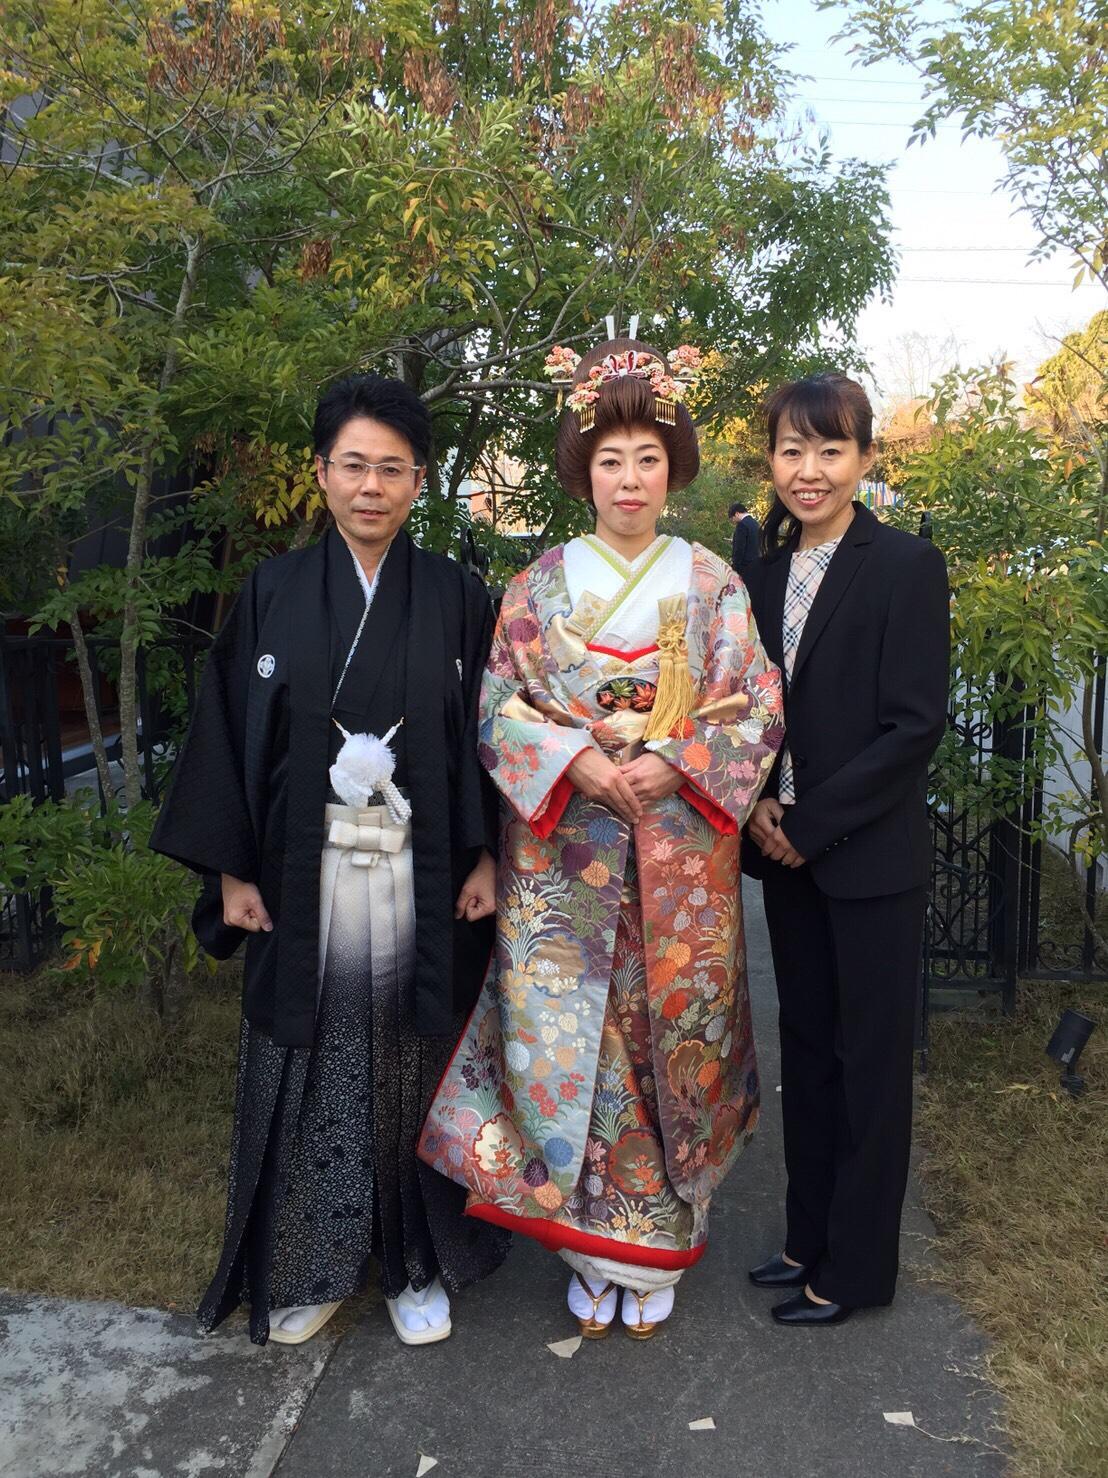 日本仲人協会で成婚したM君とHさん